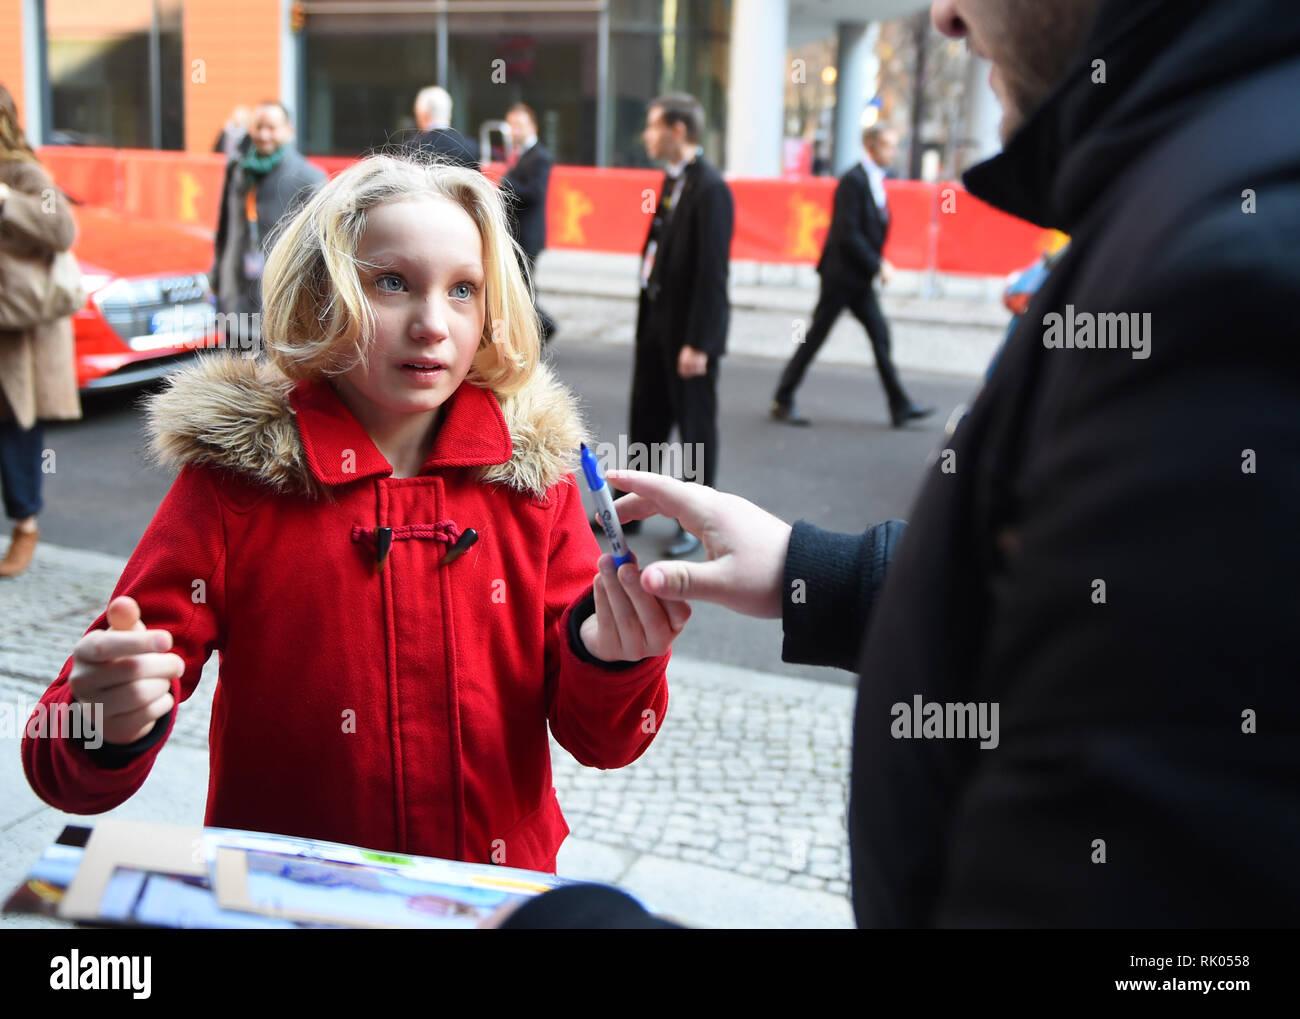 Berlin, Deutschland. 08 Feb, 2019. 69. Berlinale: Die